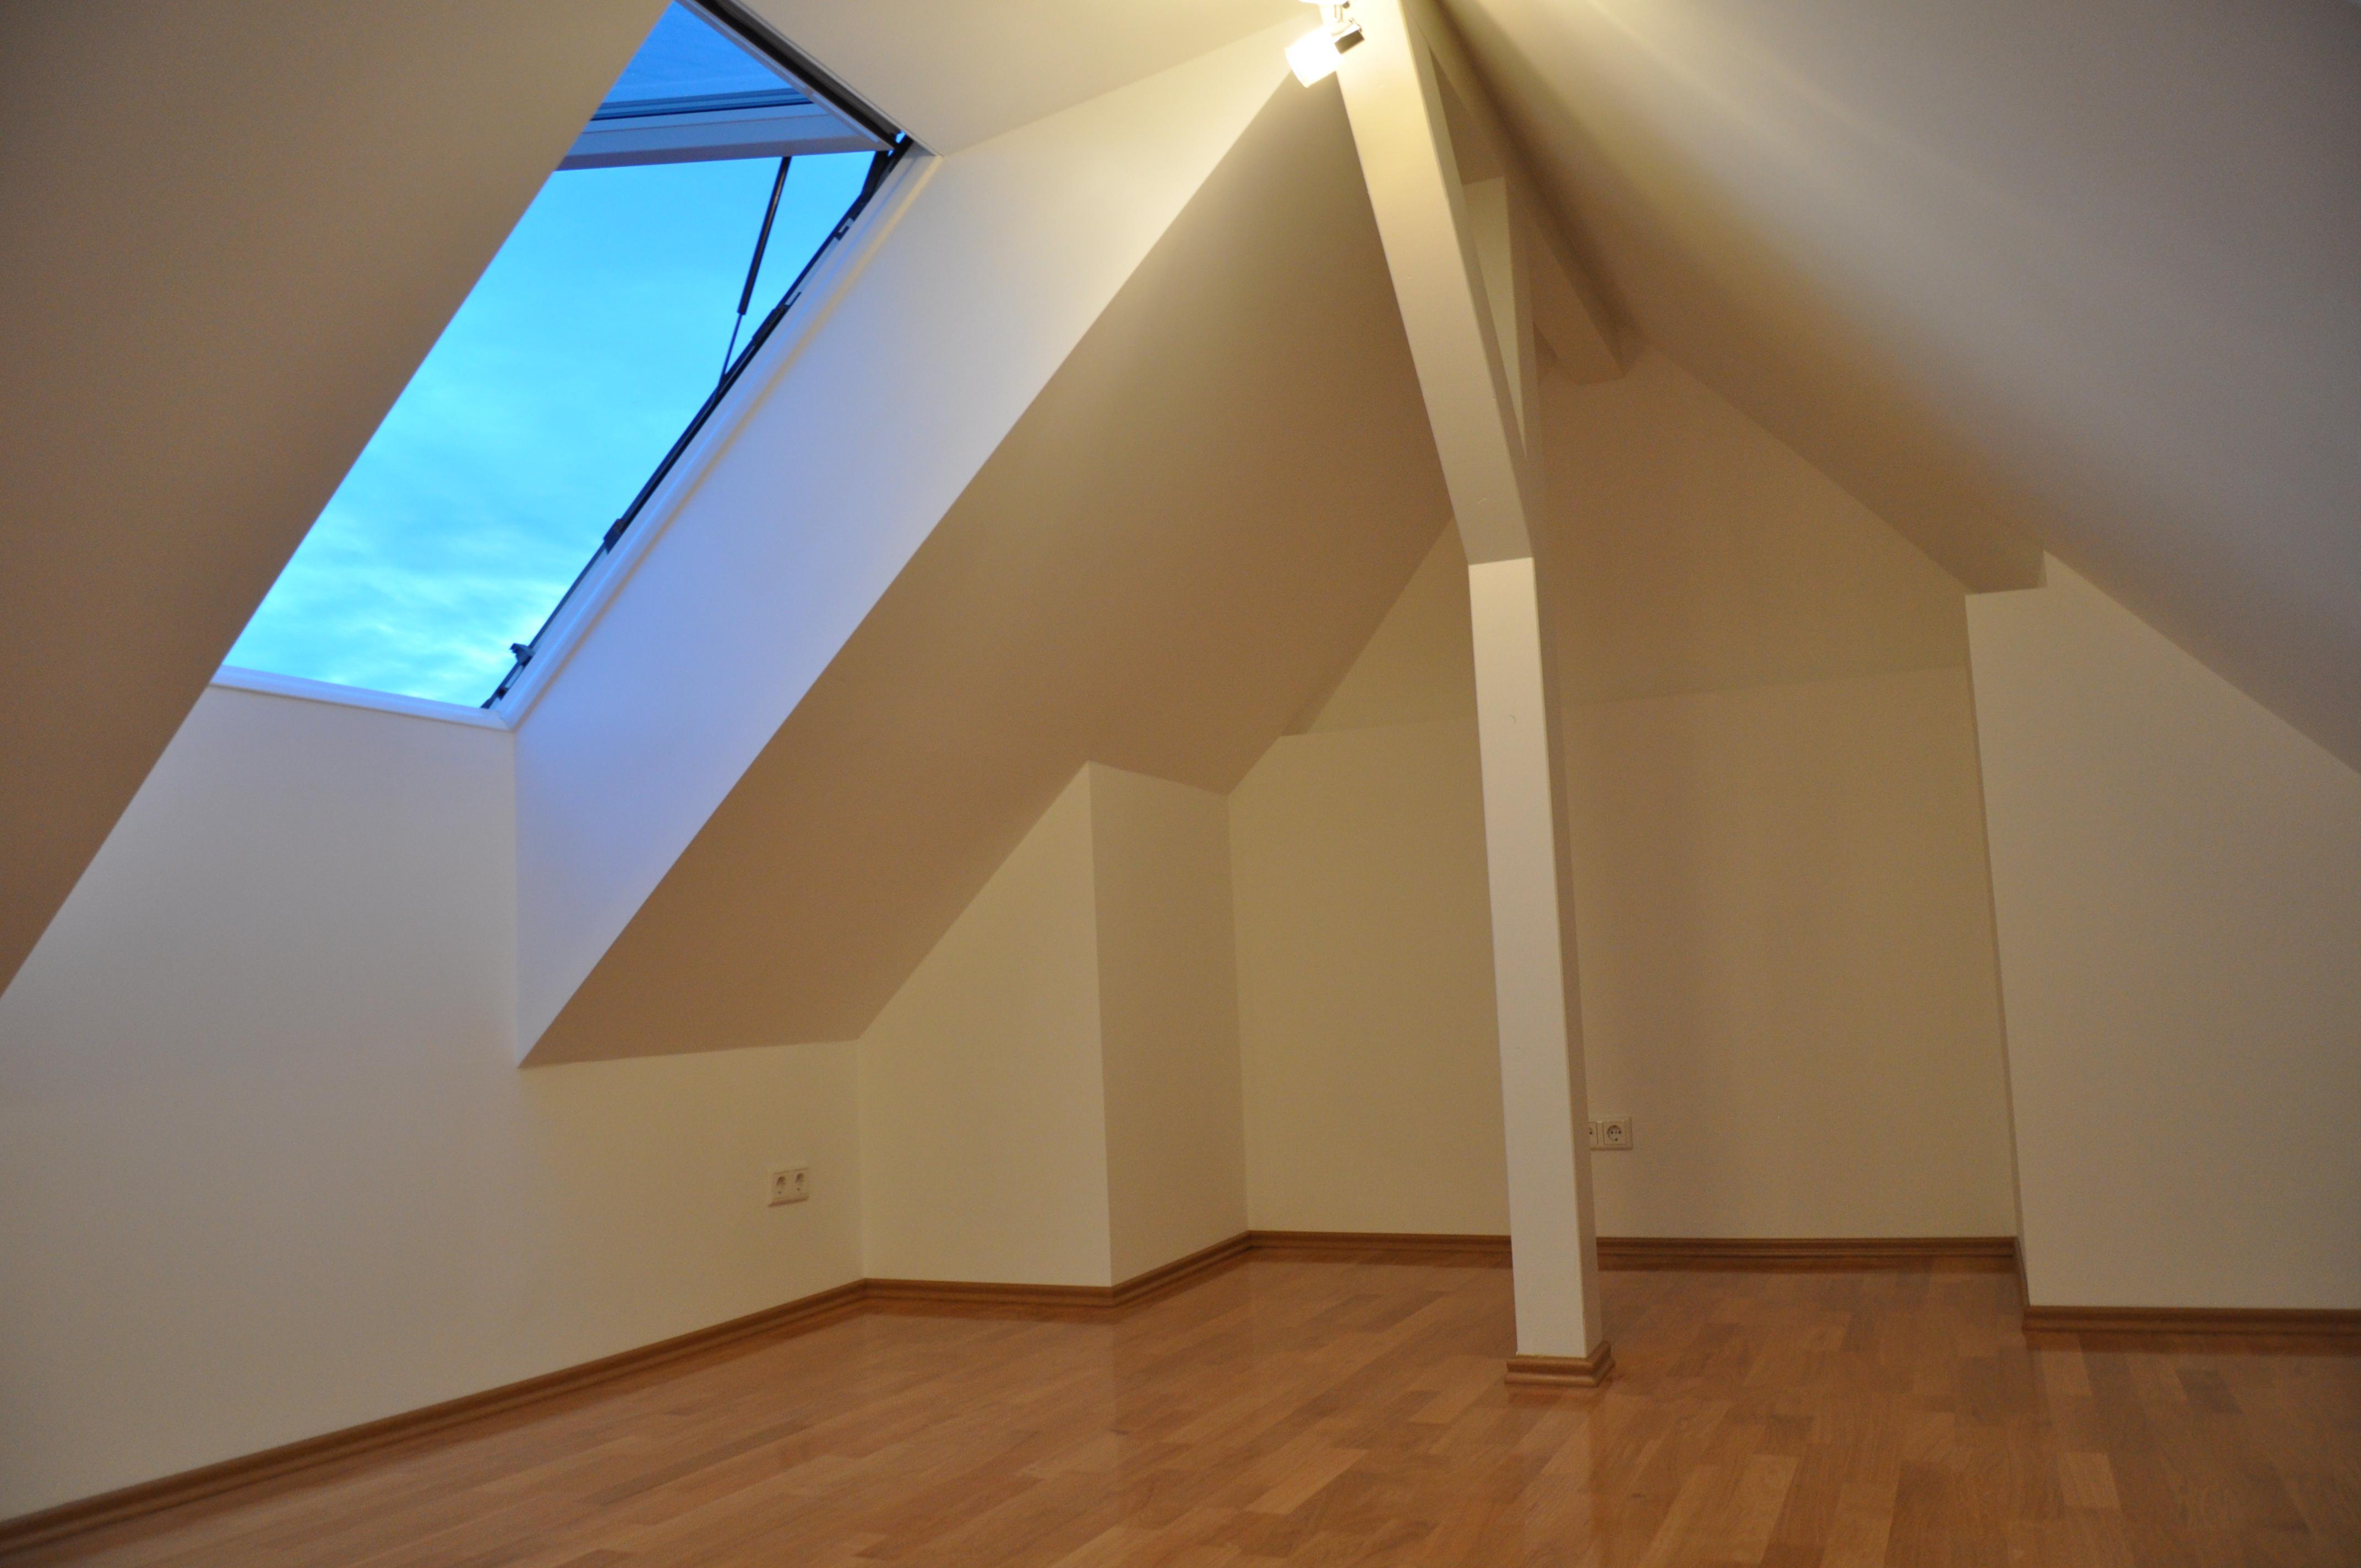 Badezimmer 6 M2 badezimmer dachschräge bilder ideen couchstyle